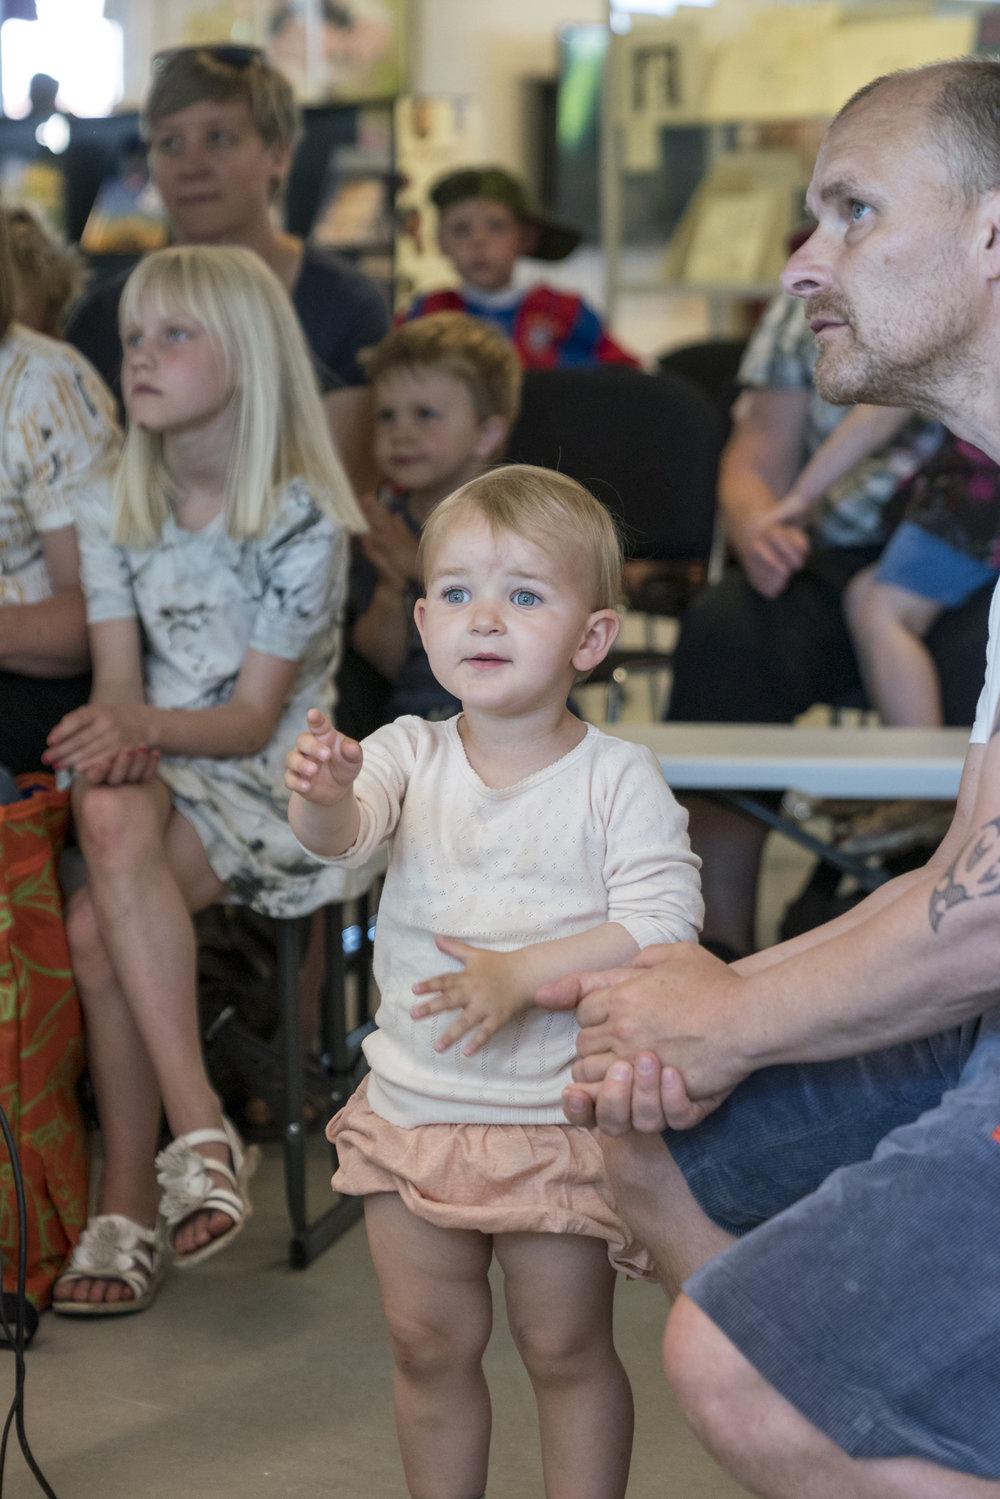 Sløngeldage lørdag- web - Fotograf Per Bille-05484.JPG